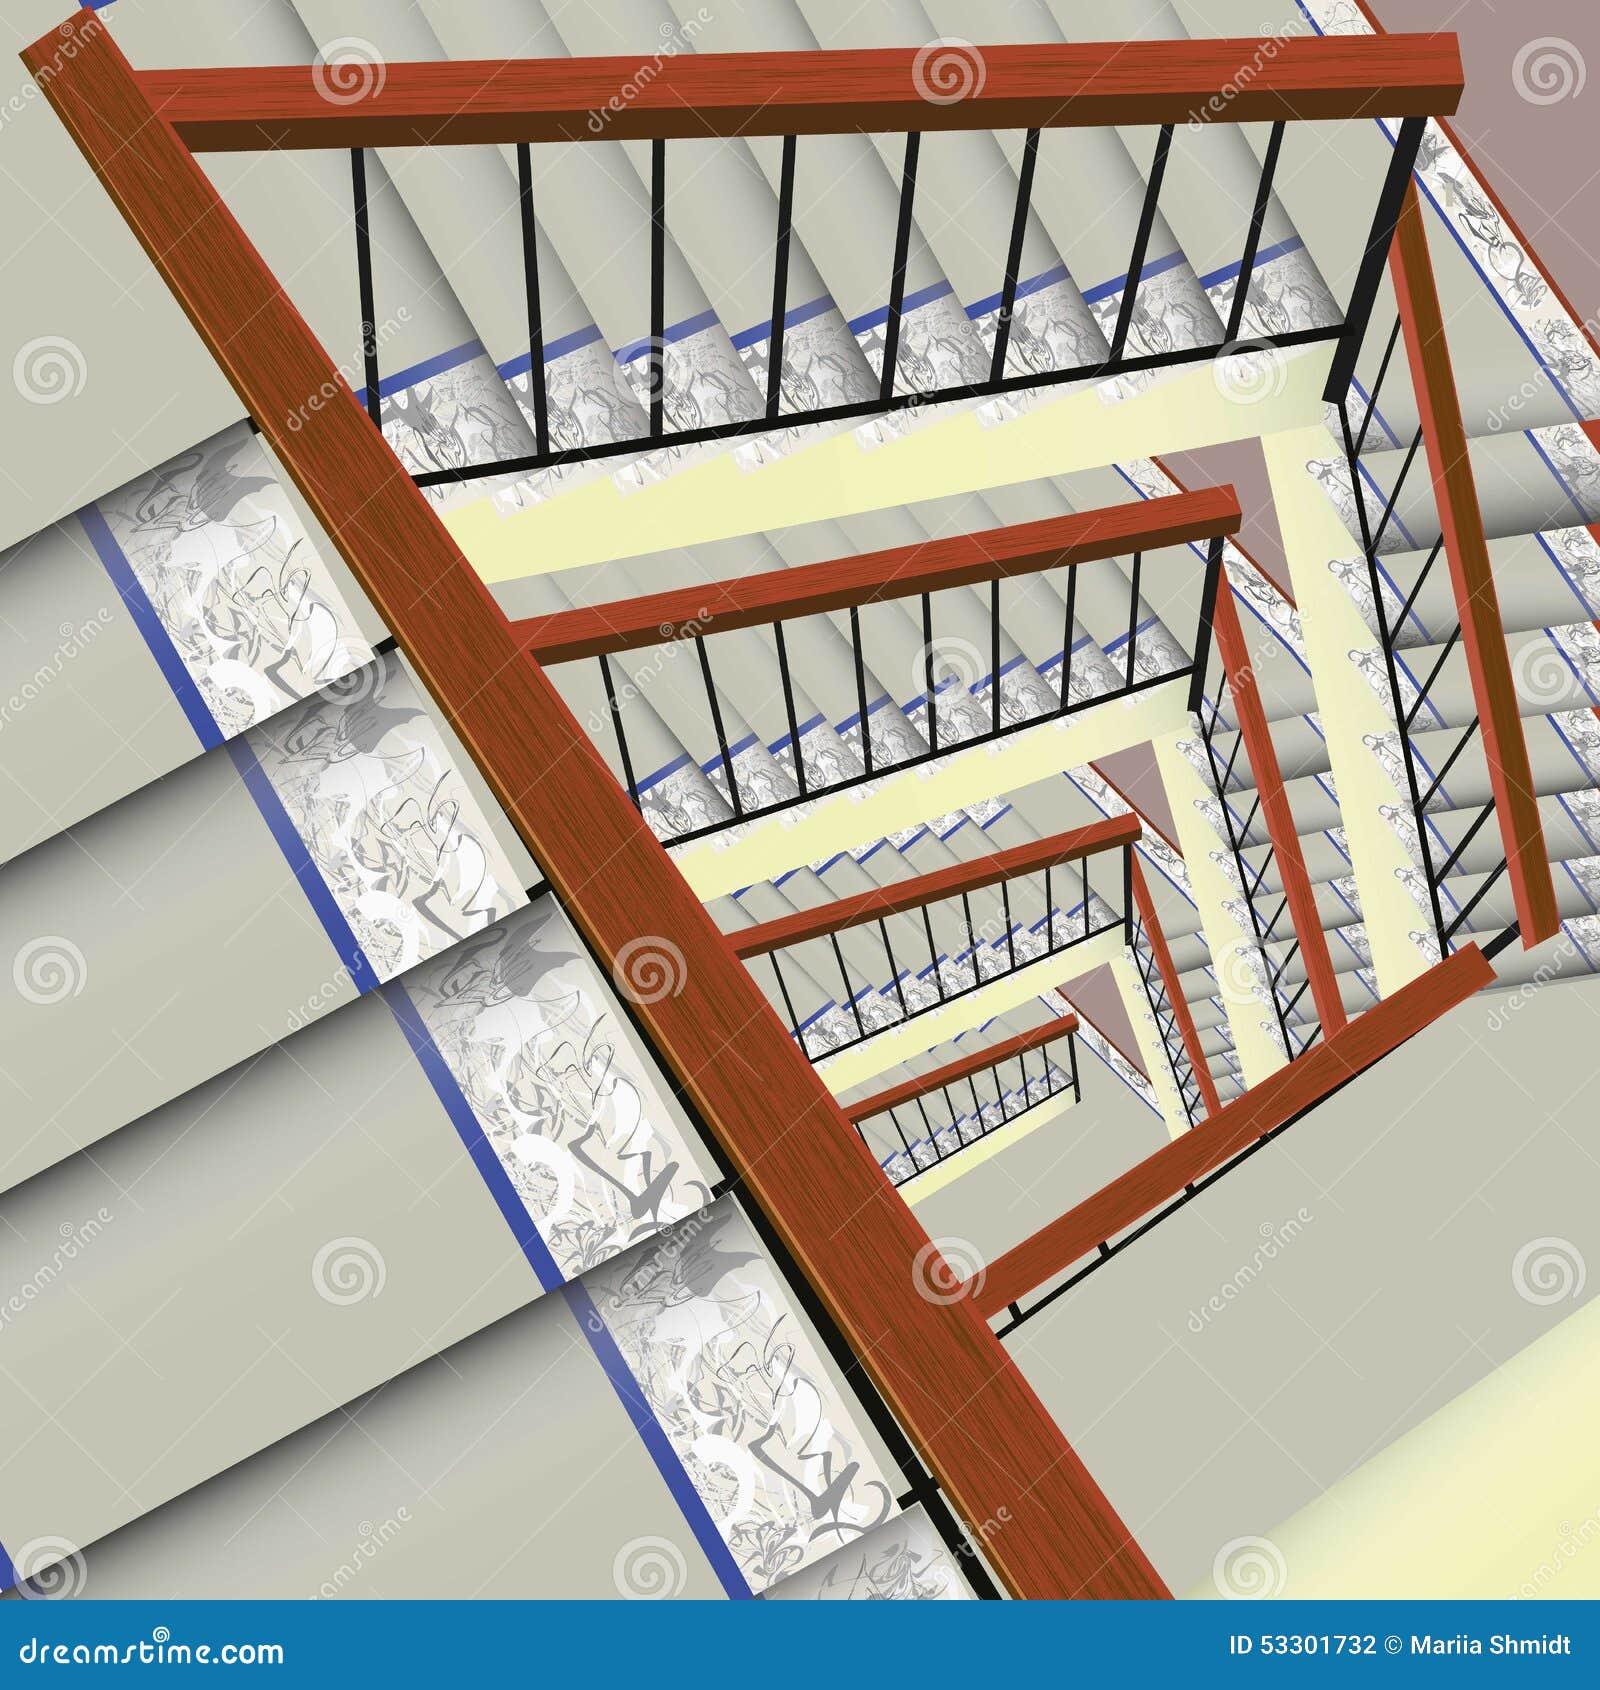 mit teppich ausgelegtes treppenhaus stock abbildung bild. Black Bedroom Furniture Sets. Home Design Ideas